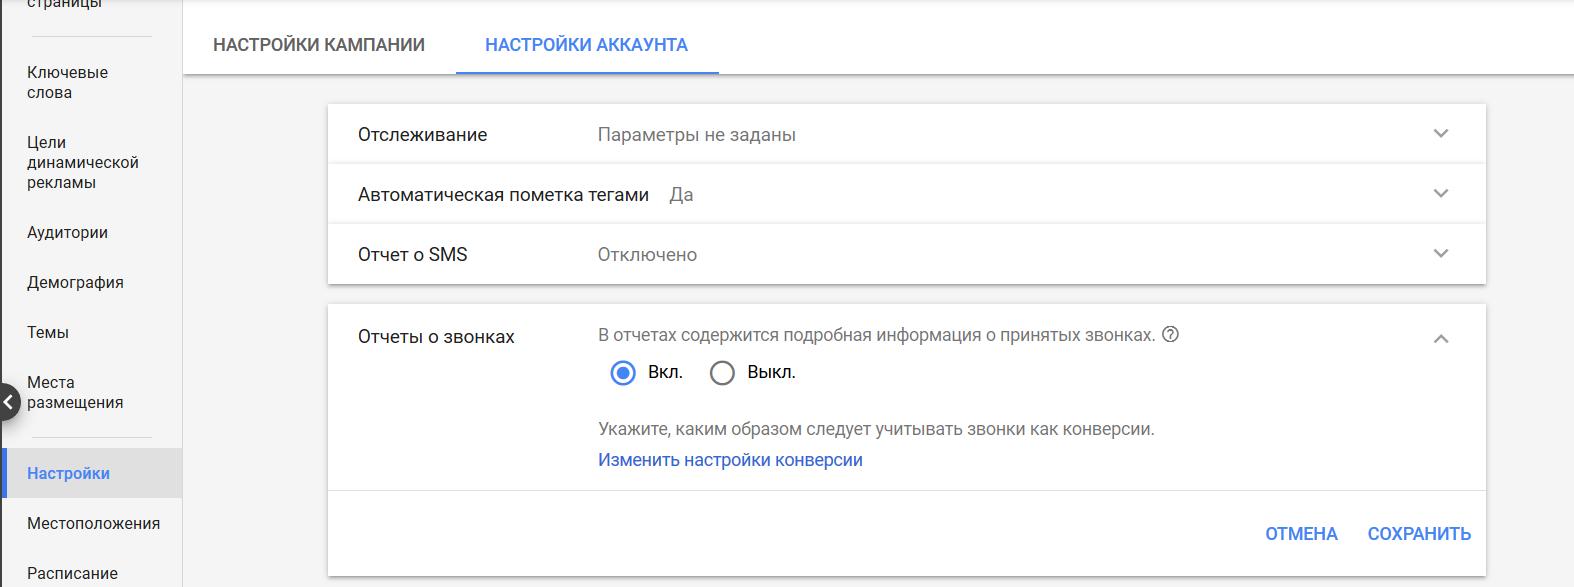 Отчеты о звонках в Google AdWords